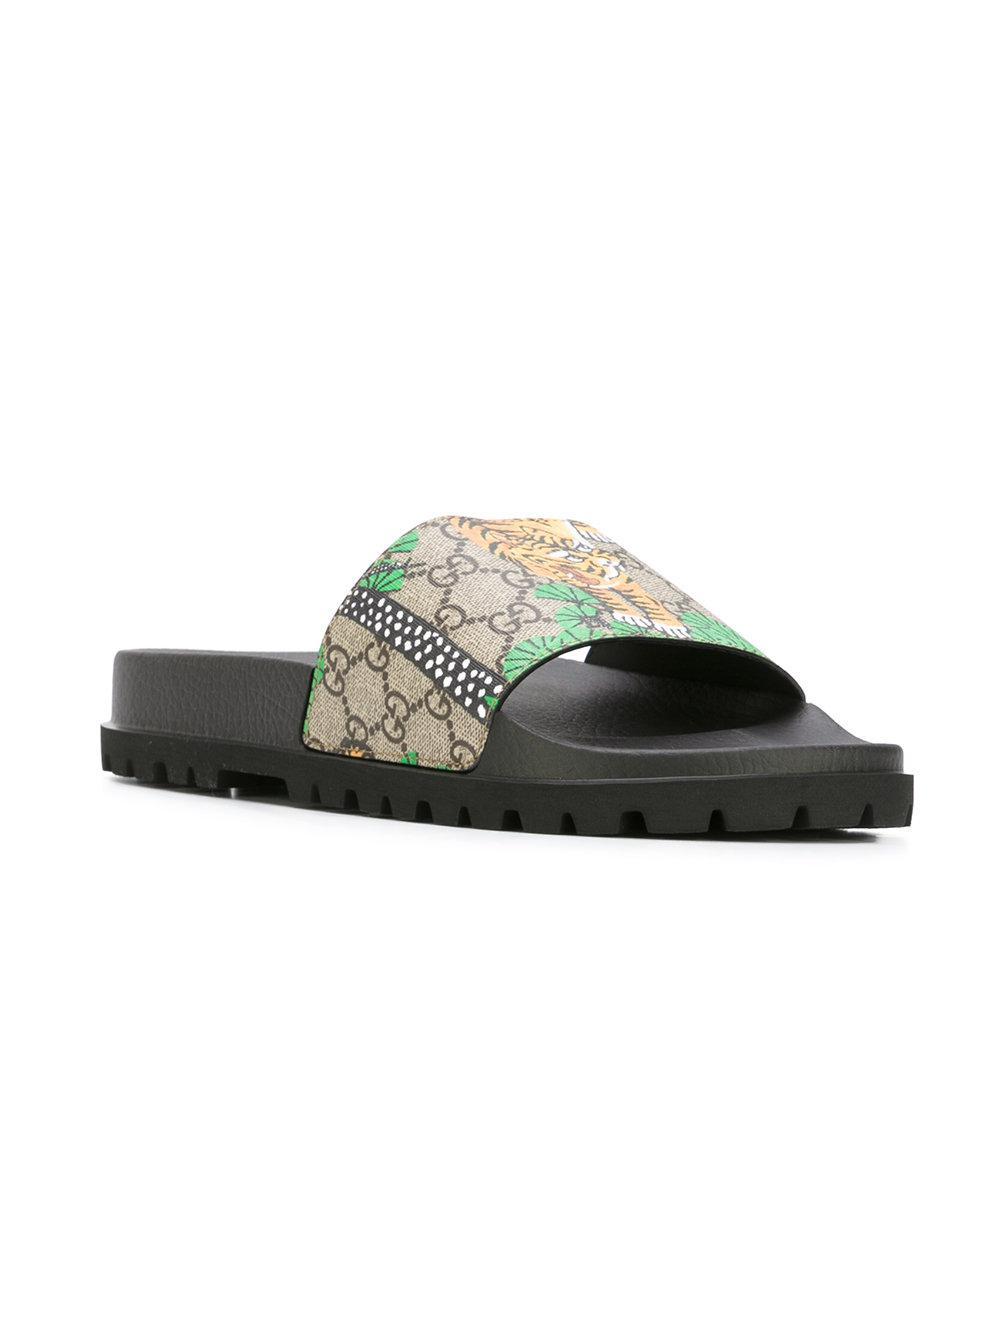 05153b275c0 Lyst - Gucci GG Supreme Tiger Slides in Black for Men